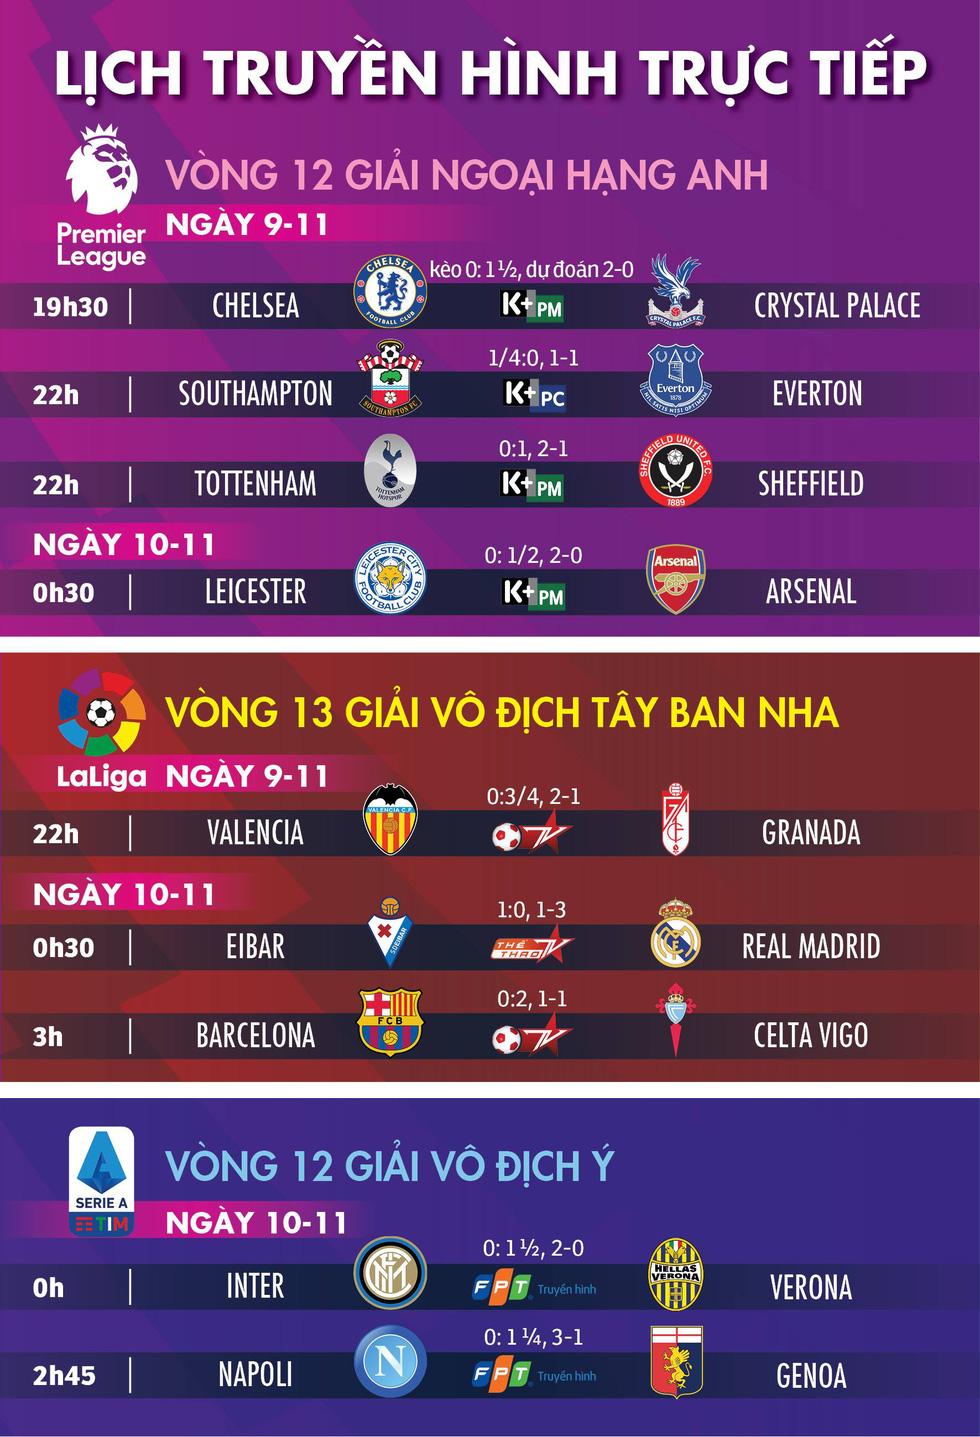 Lịch trực tiếp, kèo nhà cái, dự đoán kết quả bóng đá châu Âu 9 và 10-11 - Ảnh 1.